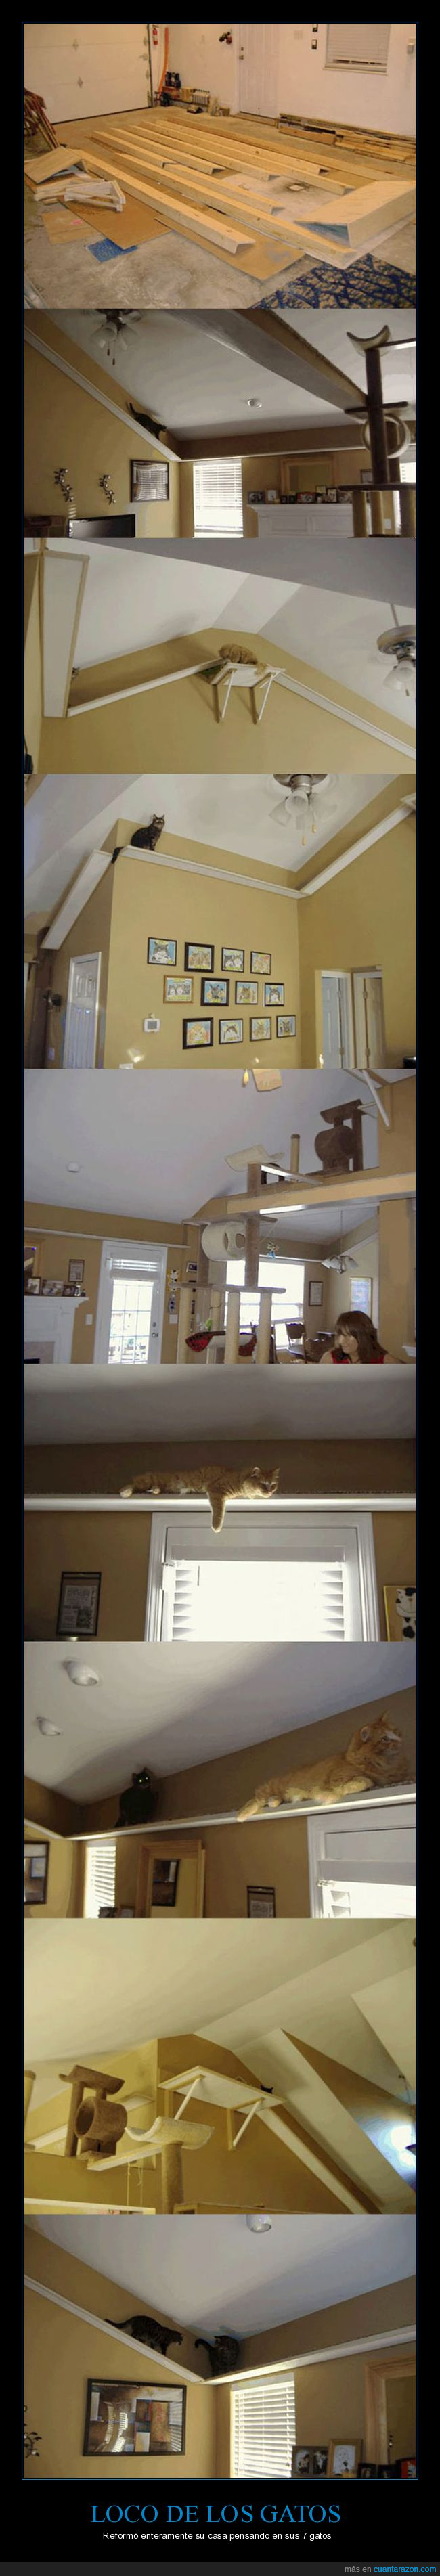 cornisas,gatos,repisas,techo